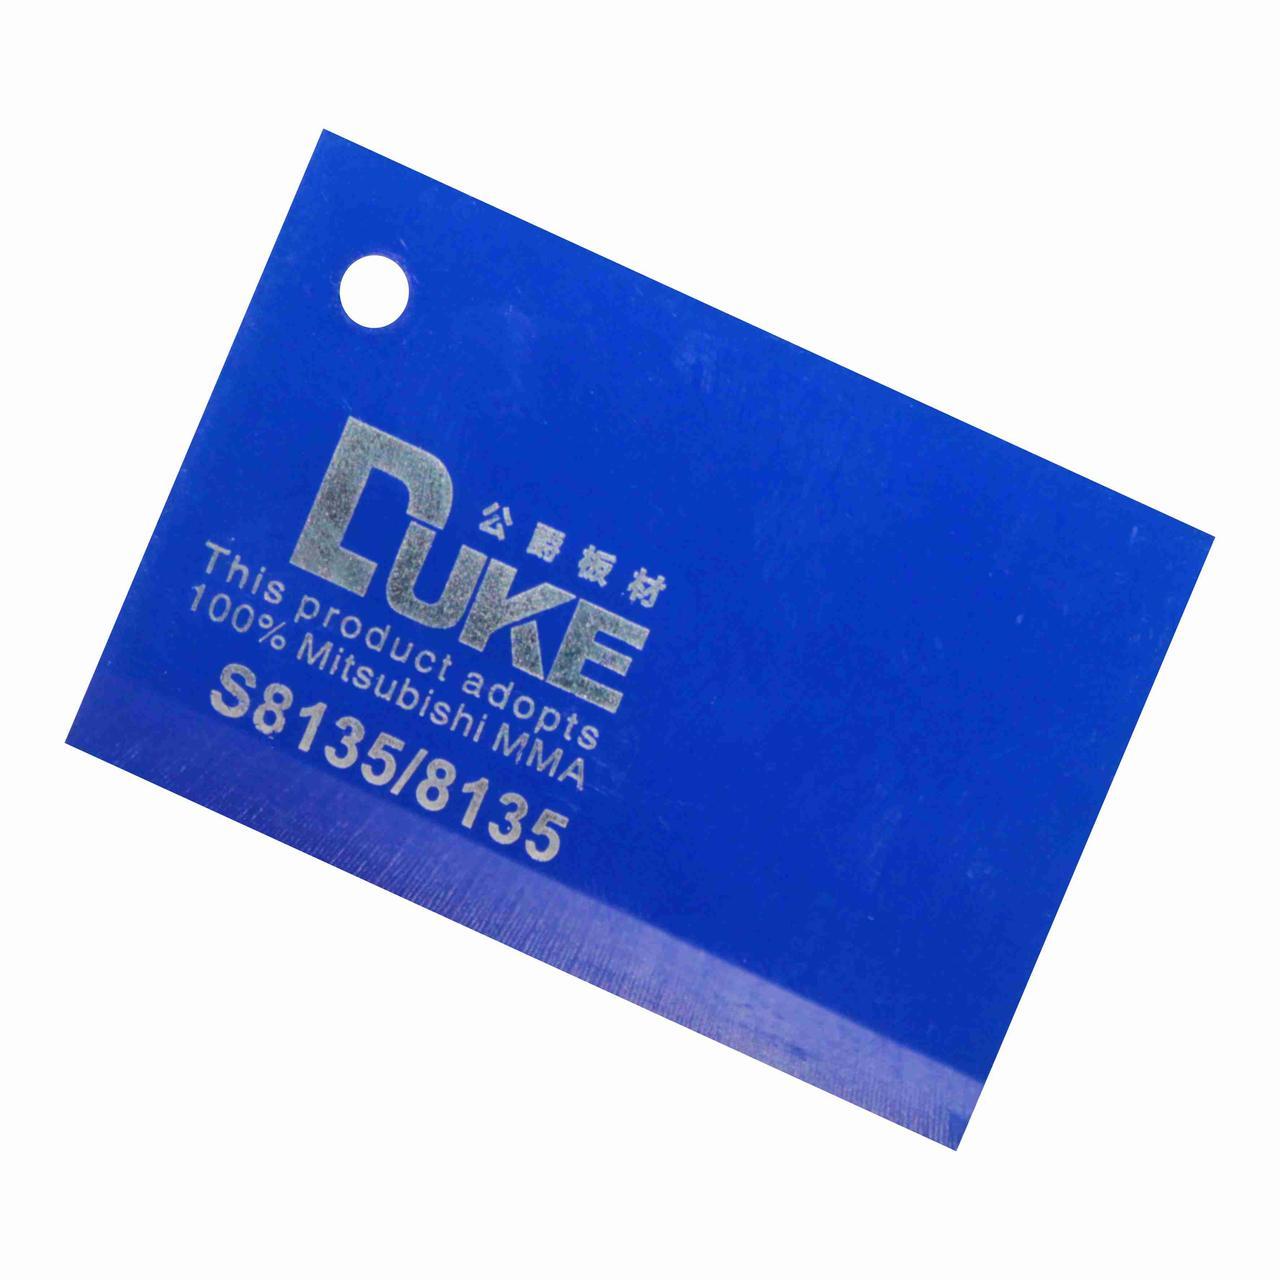 Синий листовой акрил №8135 (3мм) 1,22мХ2,44м